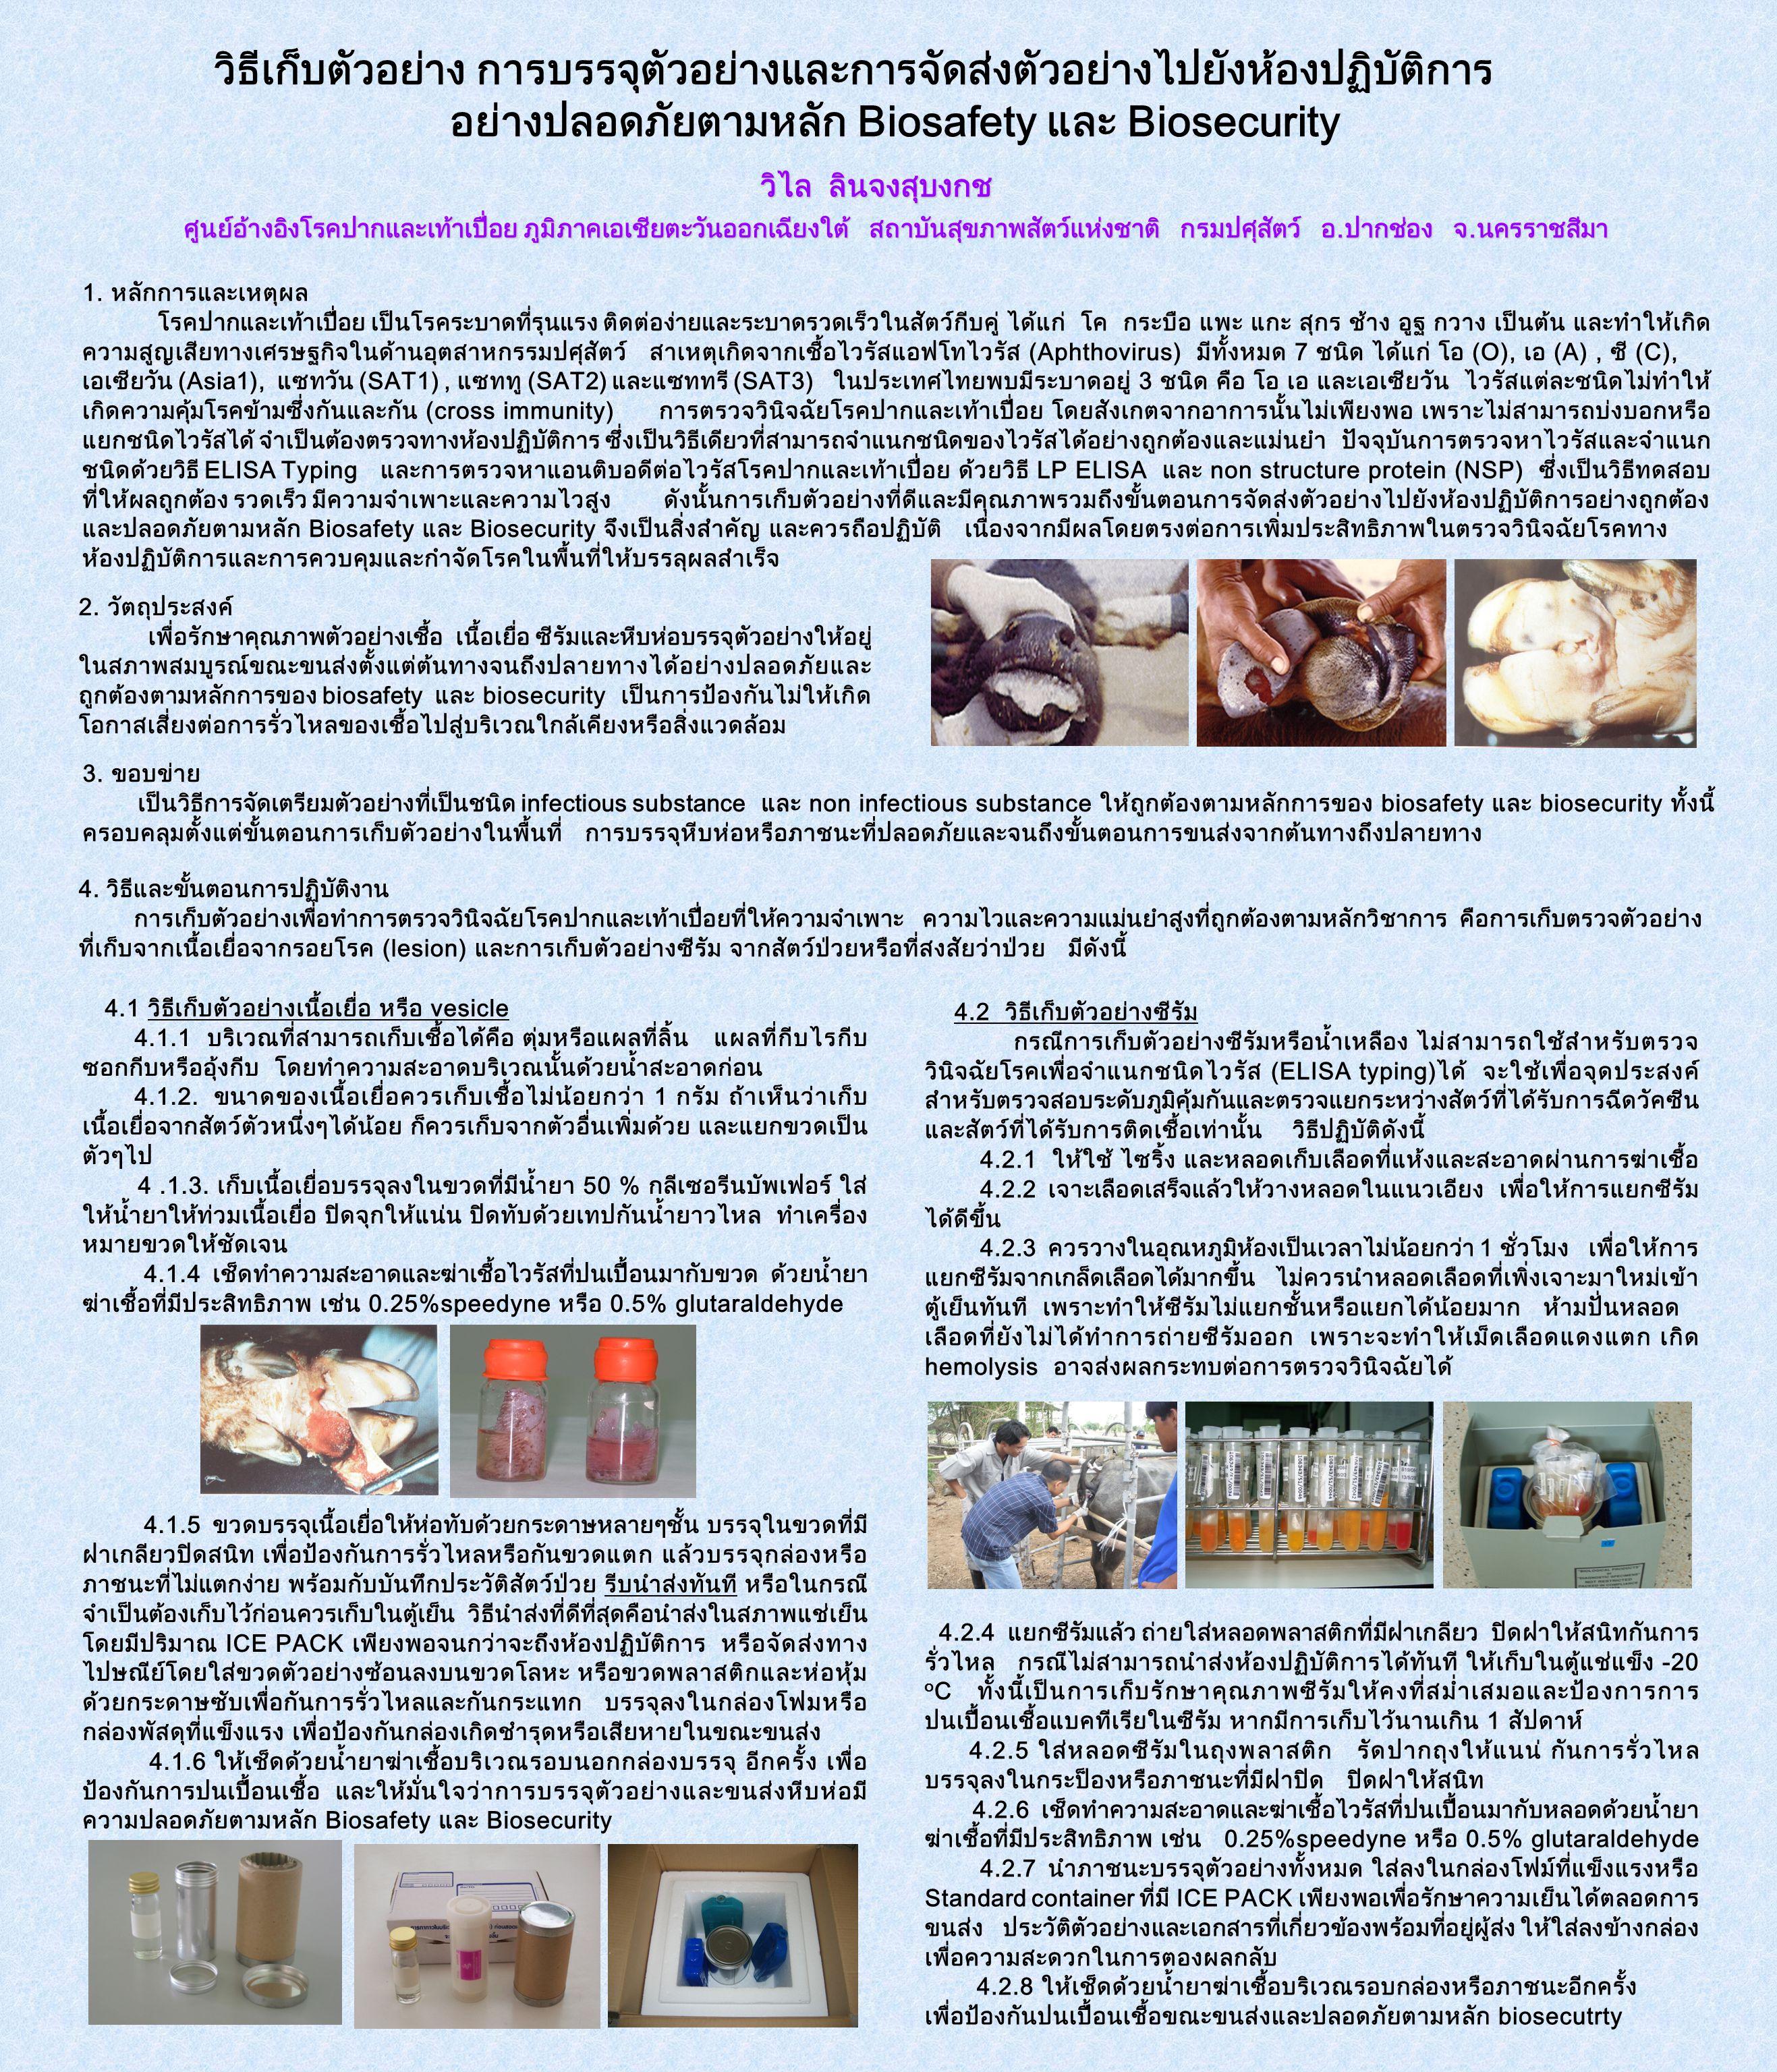 วิธีเก็บตัวอย่าง การบรรจุตัวอย่างและการจัดส่งตัวอย่างไปยังห้องปฏิบัติการ อย่างปลอดภัยตามหลัก Biosafety และ Biosecurity วิไล ลินจงสุบงกช วิไล ลินจงสุบง